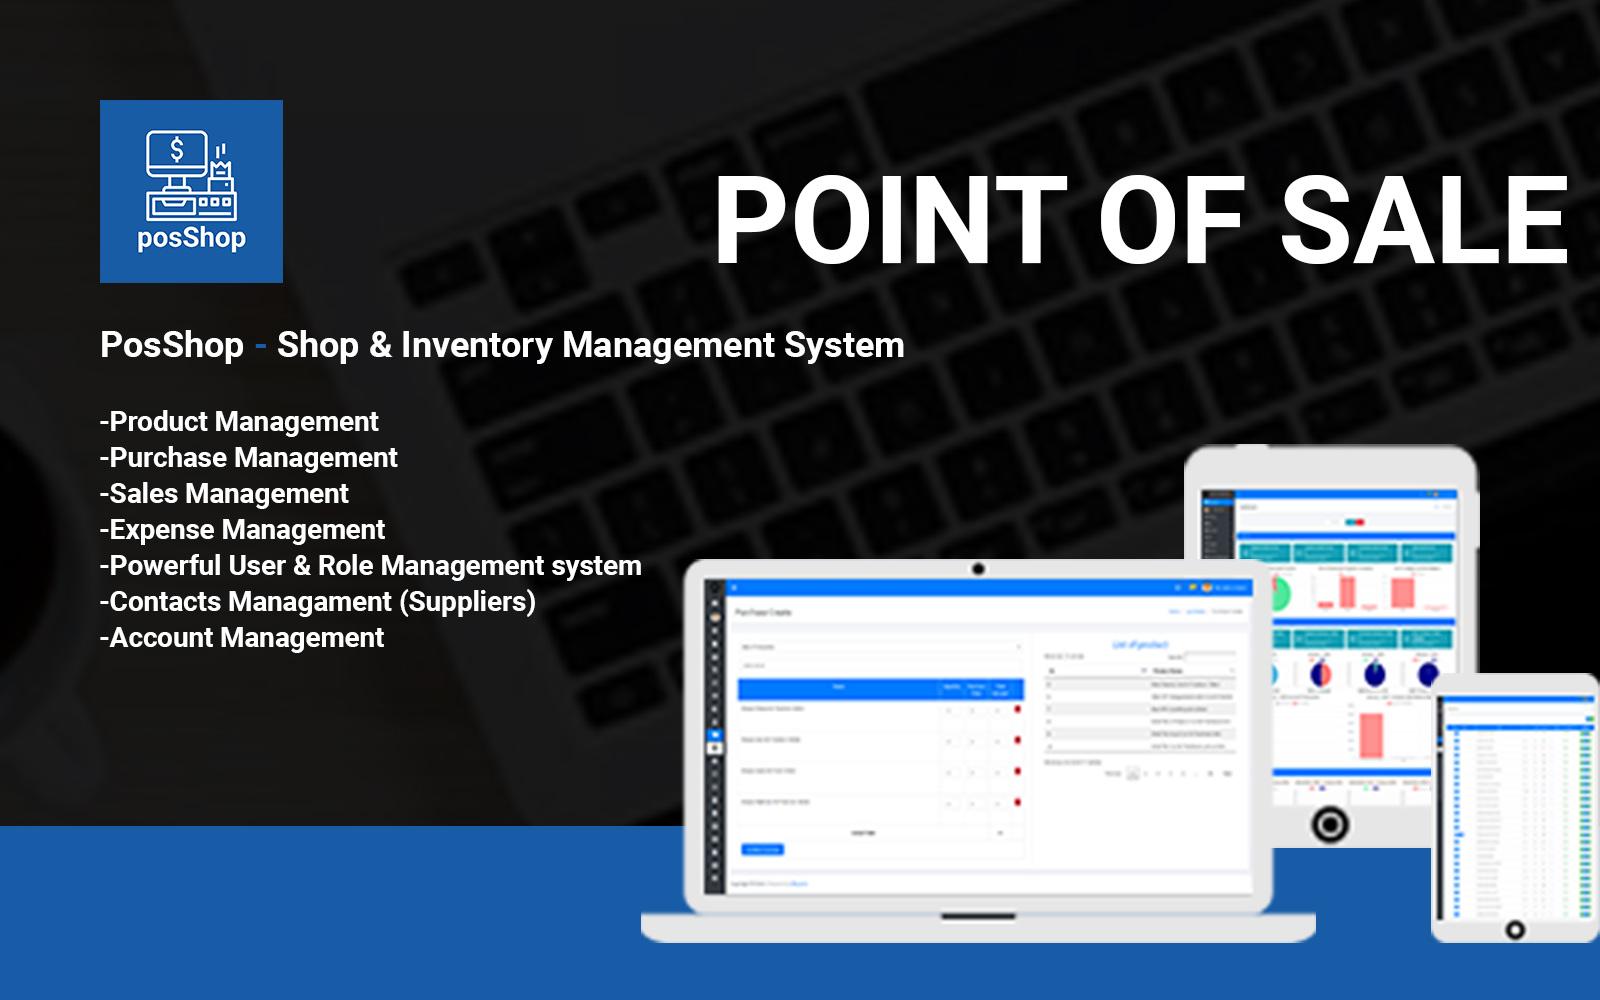 PosShop- Shop & Inventory Management System Template para Administração №102441